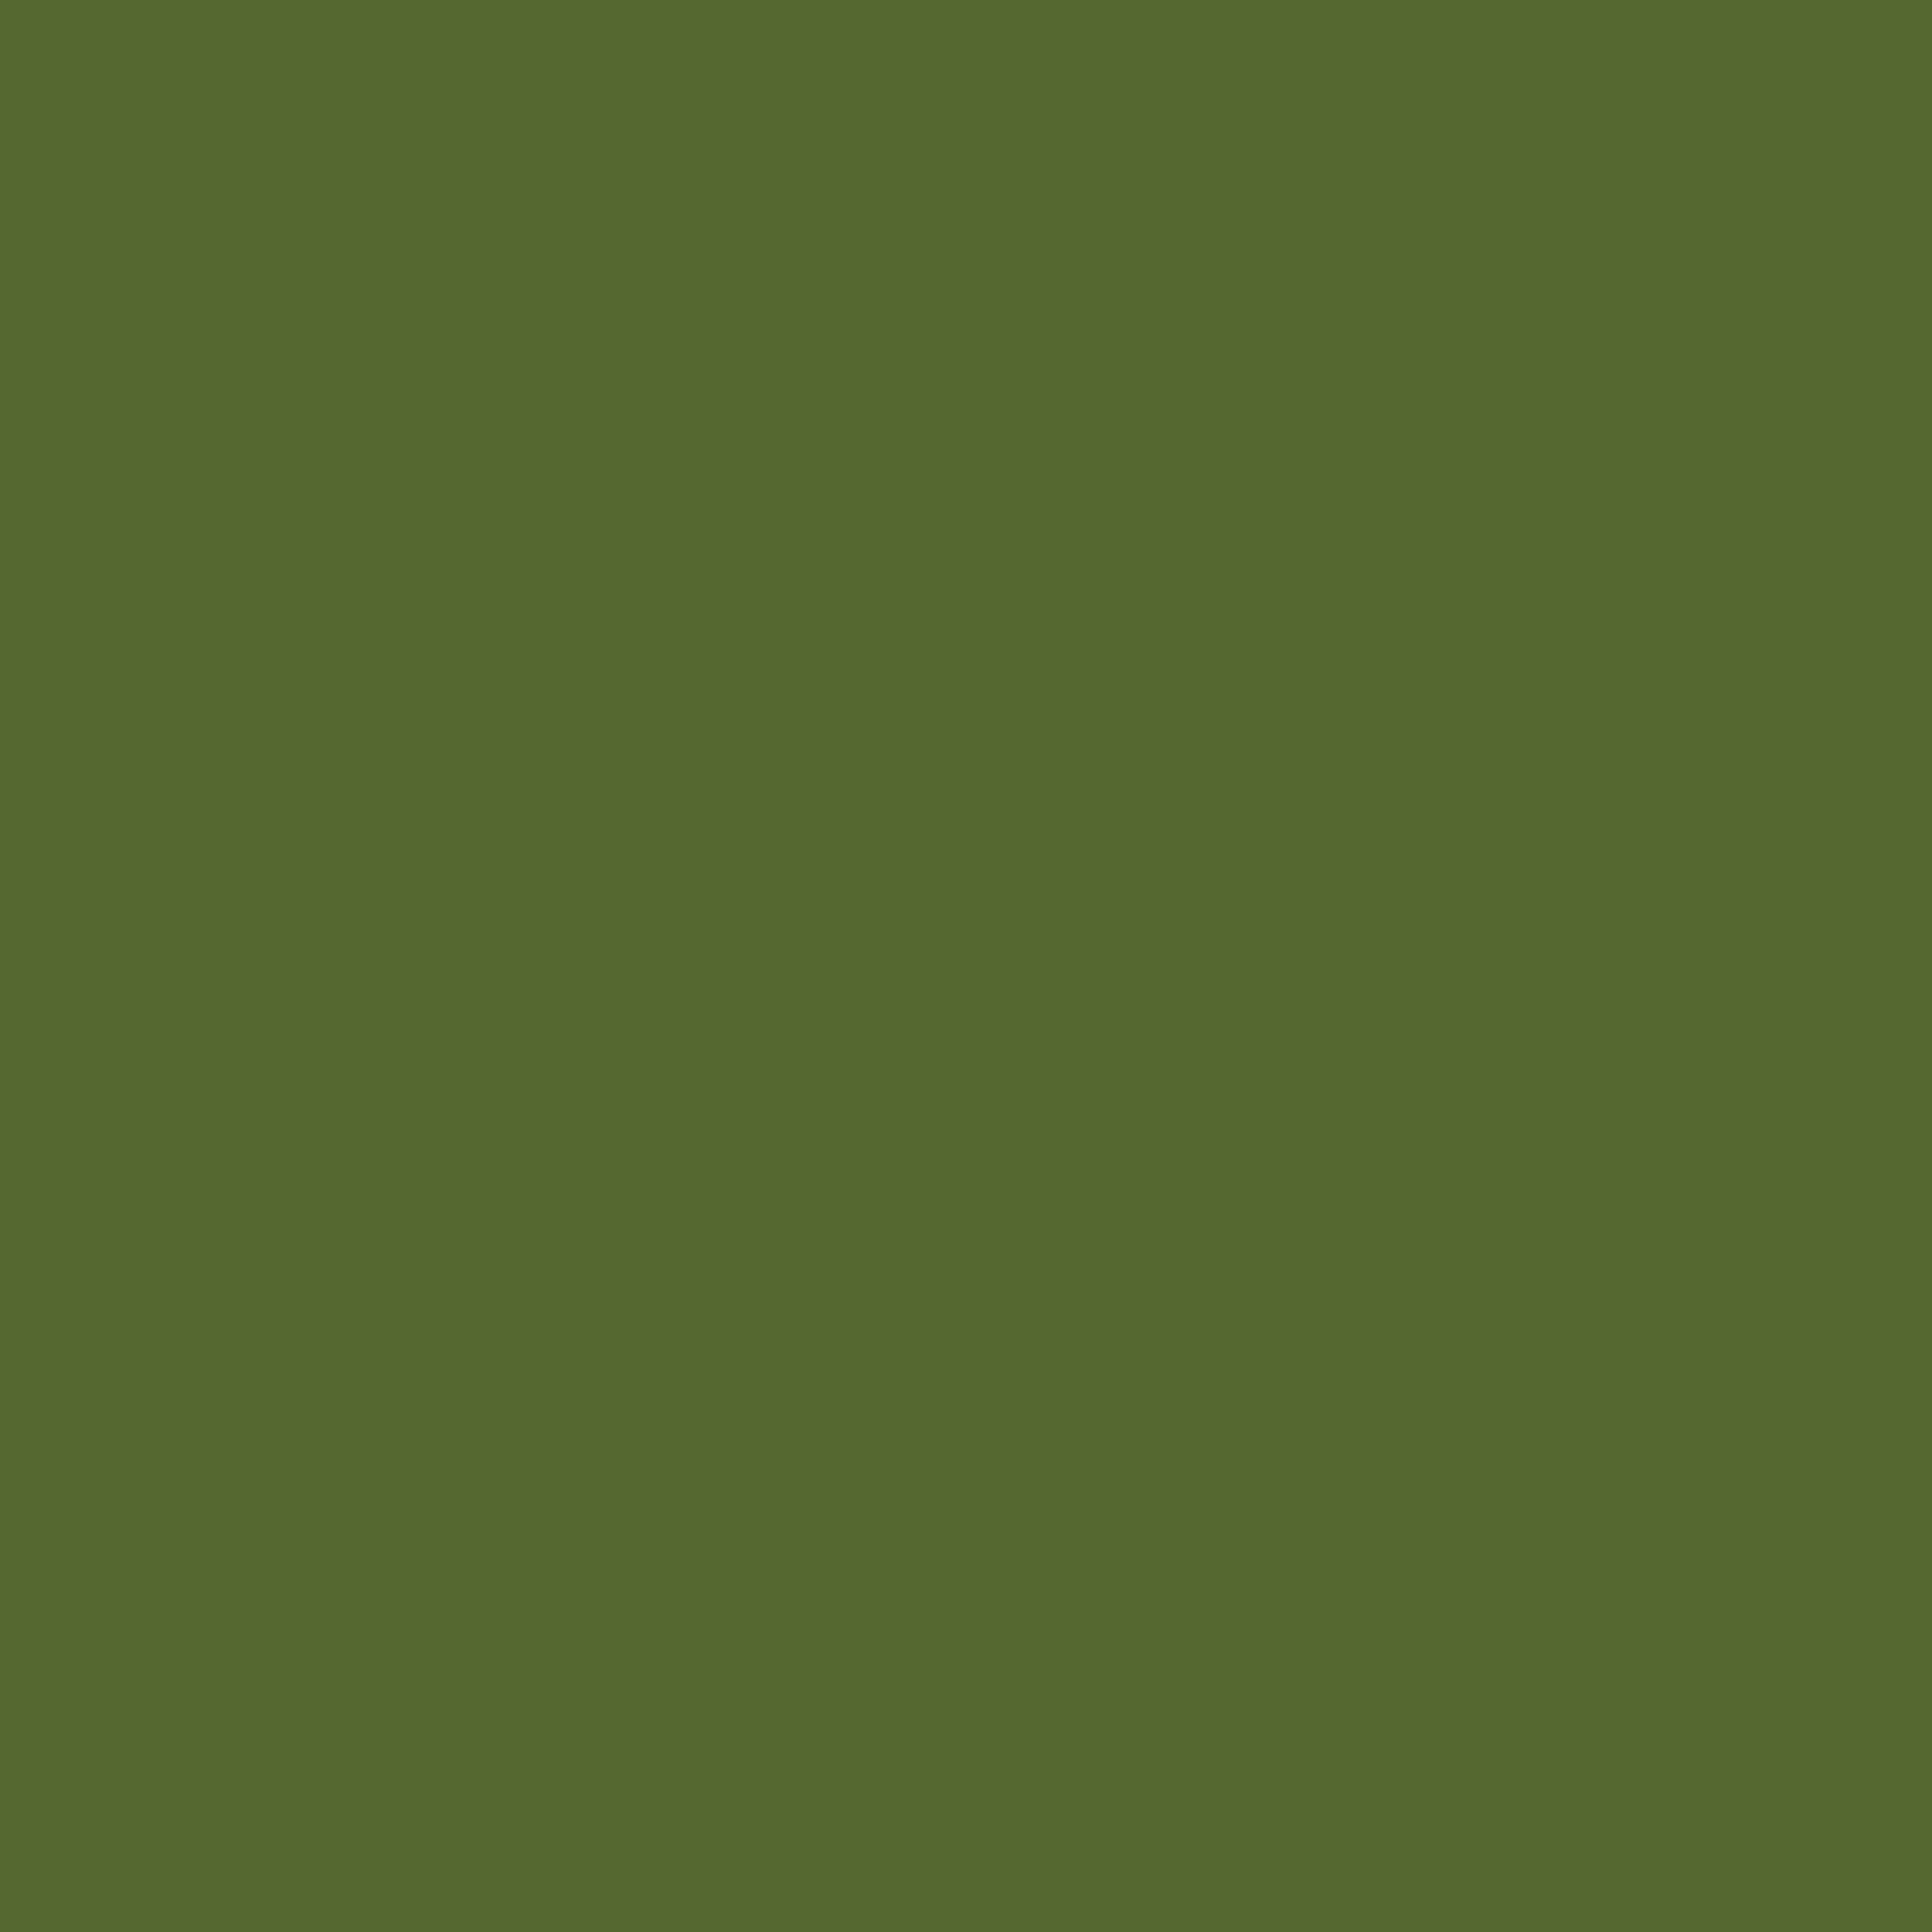 Olive-schwarz